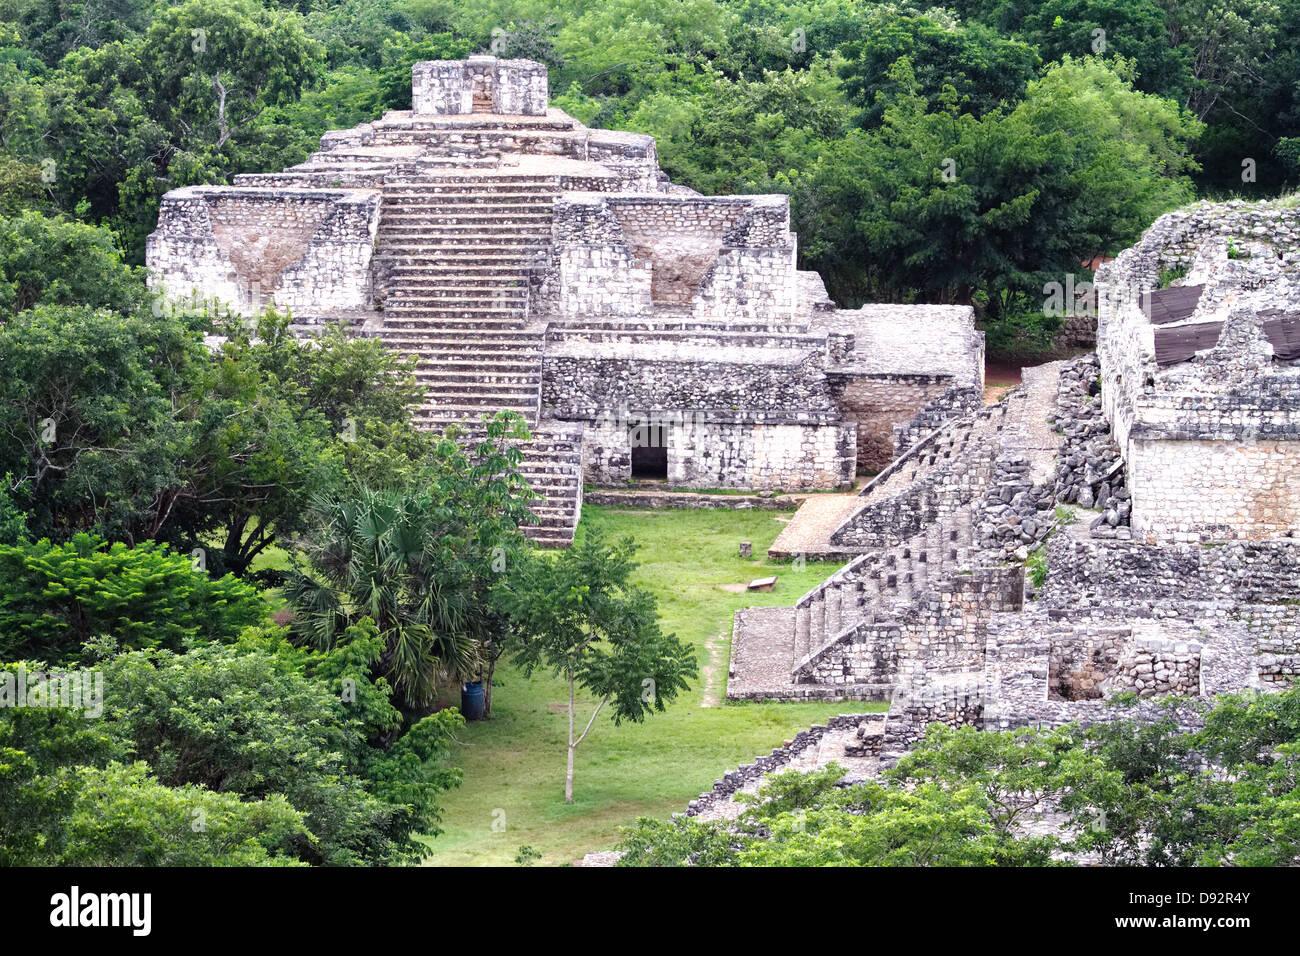 High Angle View of Mayan Ruins at Ek Balam Archeological Site, Quintana Roo, Yucatan, Mexico - Stock Image